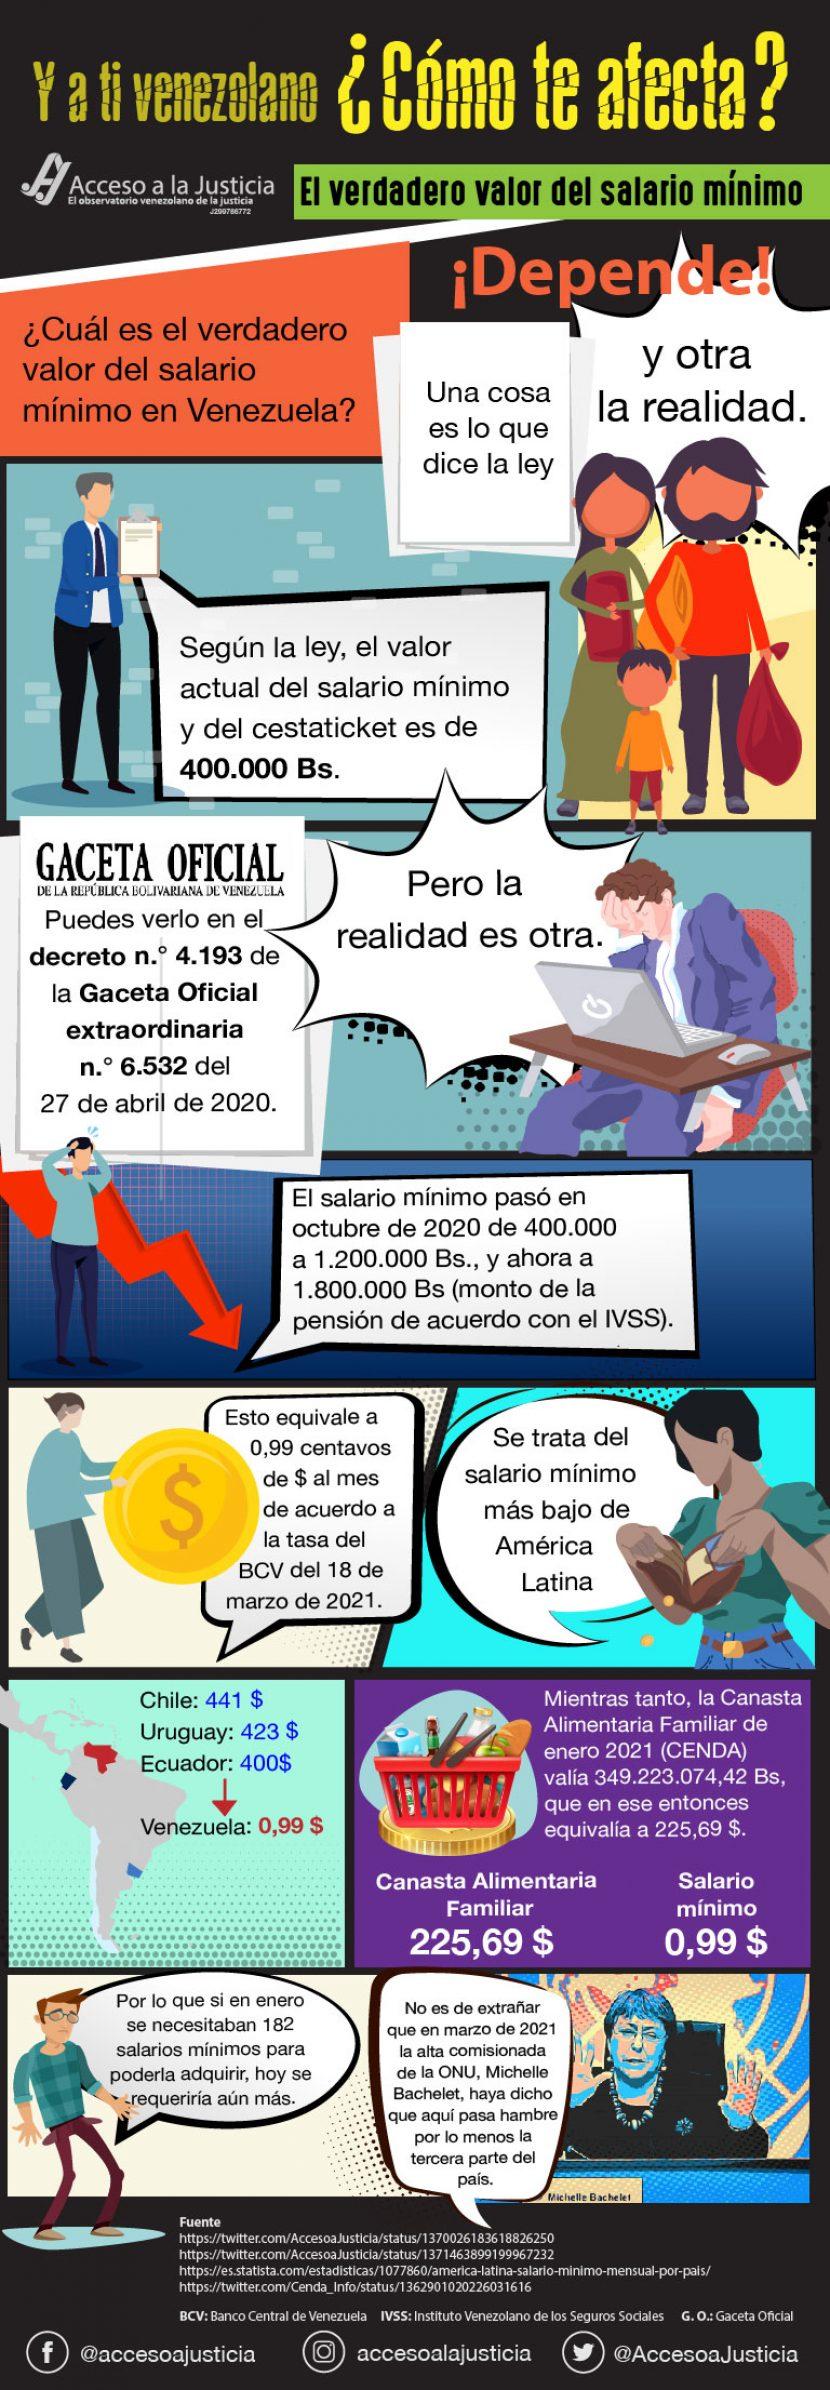 Cómo afecta al venezolano el salario mínimo actual